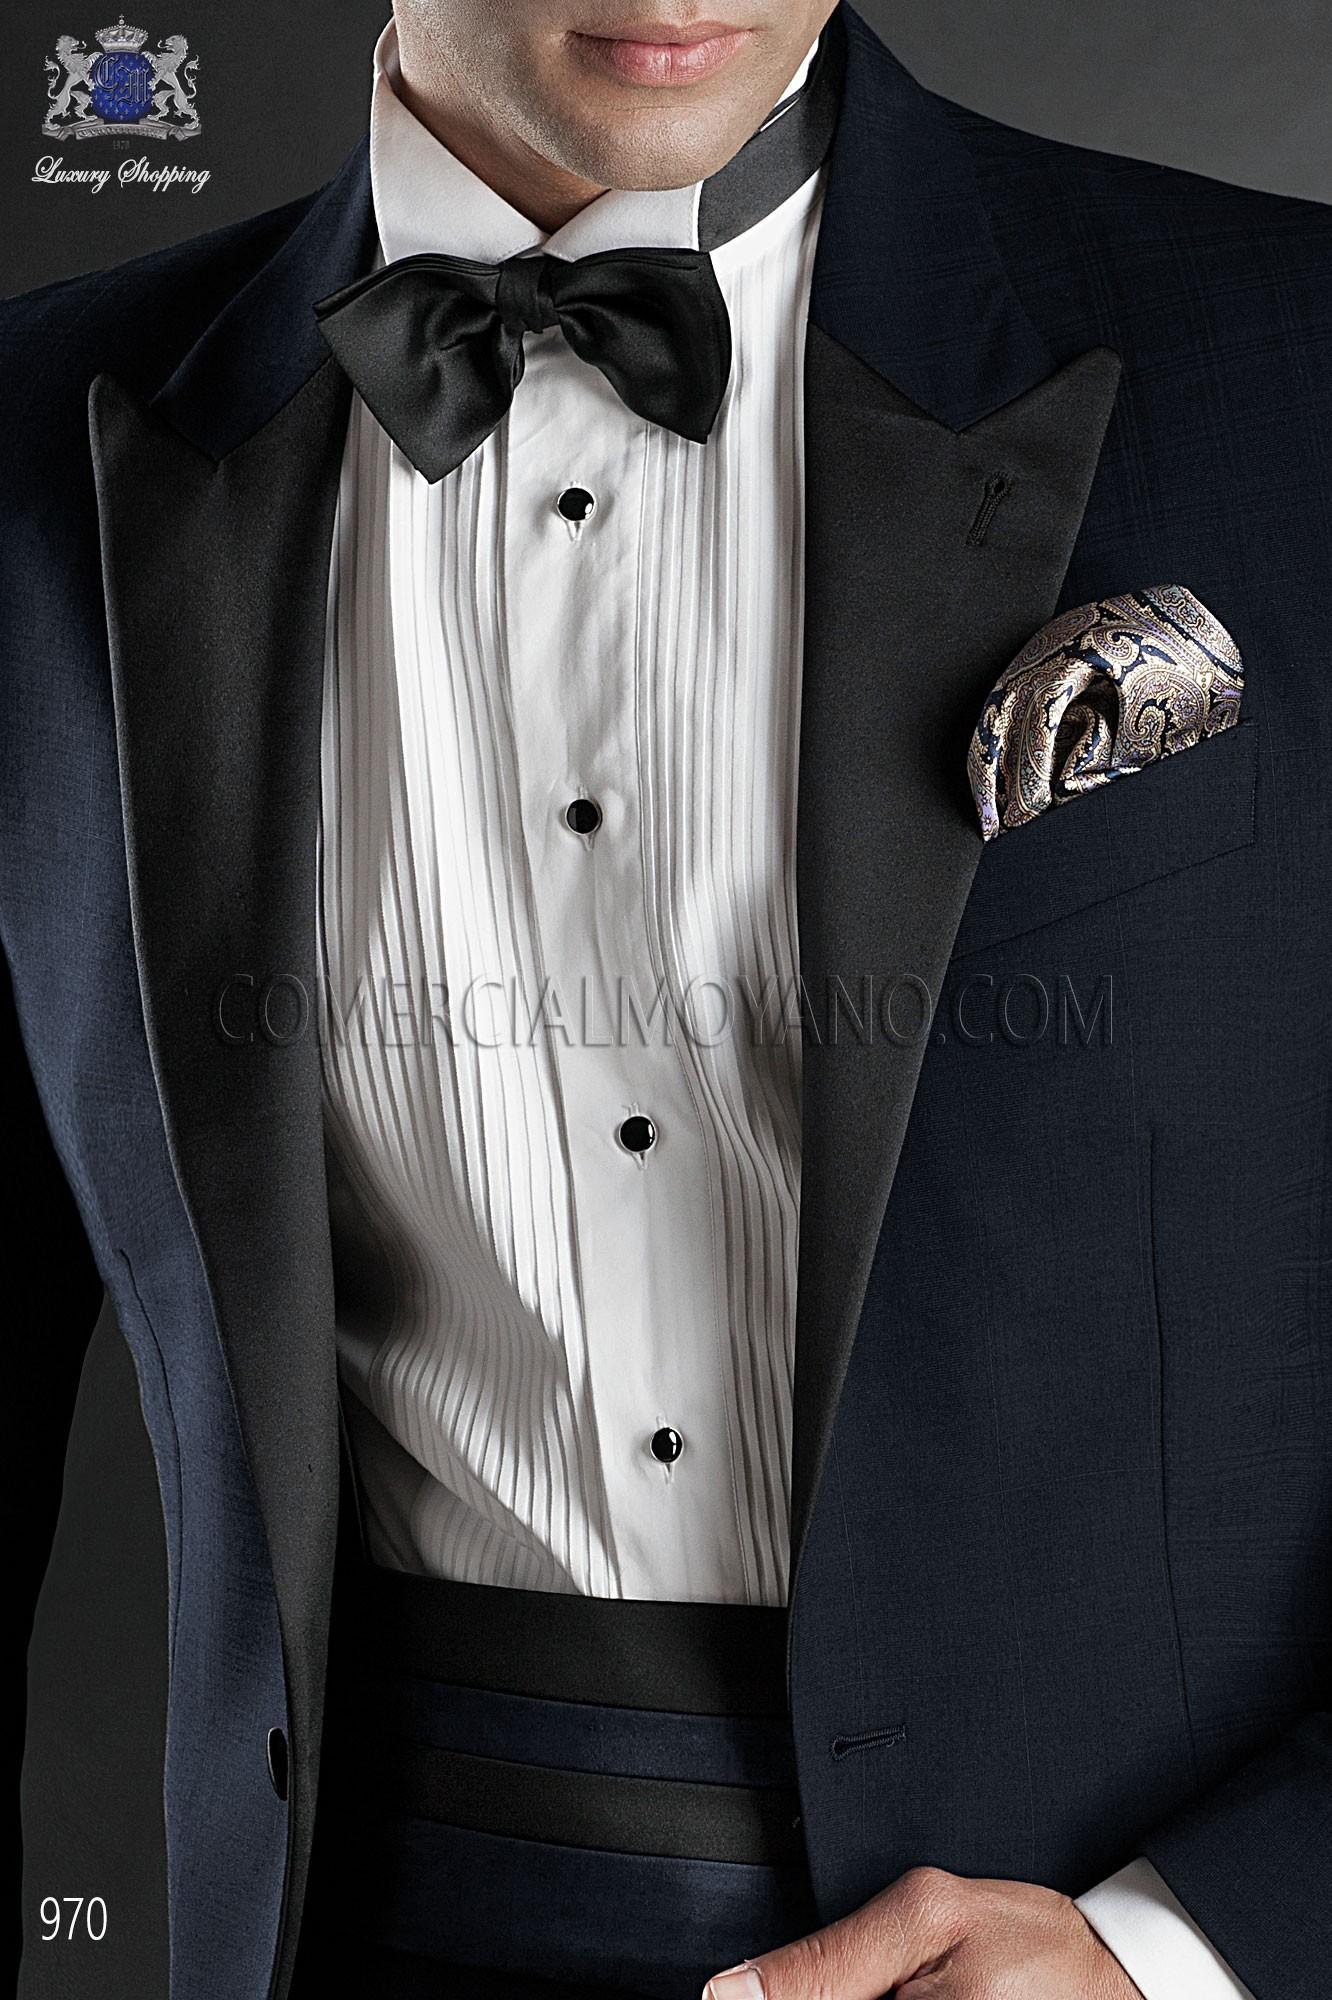 Italian blacktie blue men wedding suit, model: 970 Ottavio Nuccio Gala 2017 Black Tie Collection